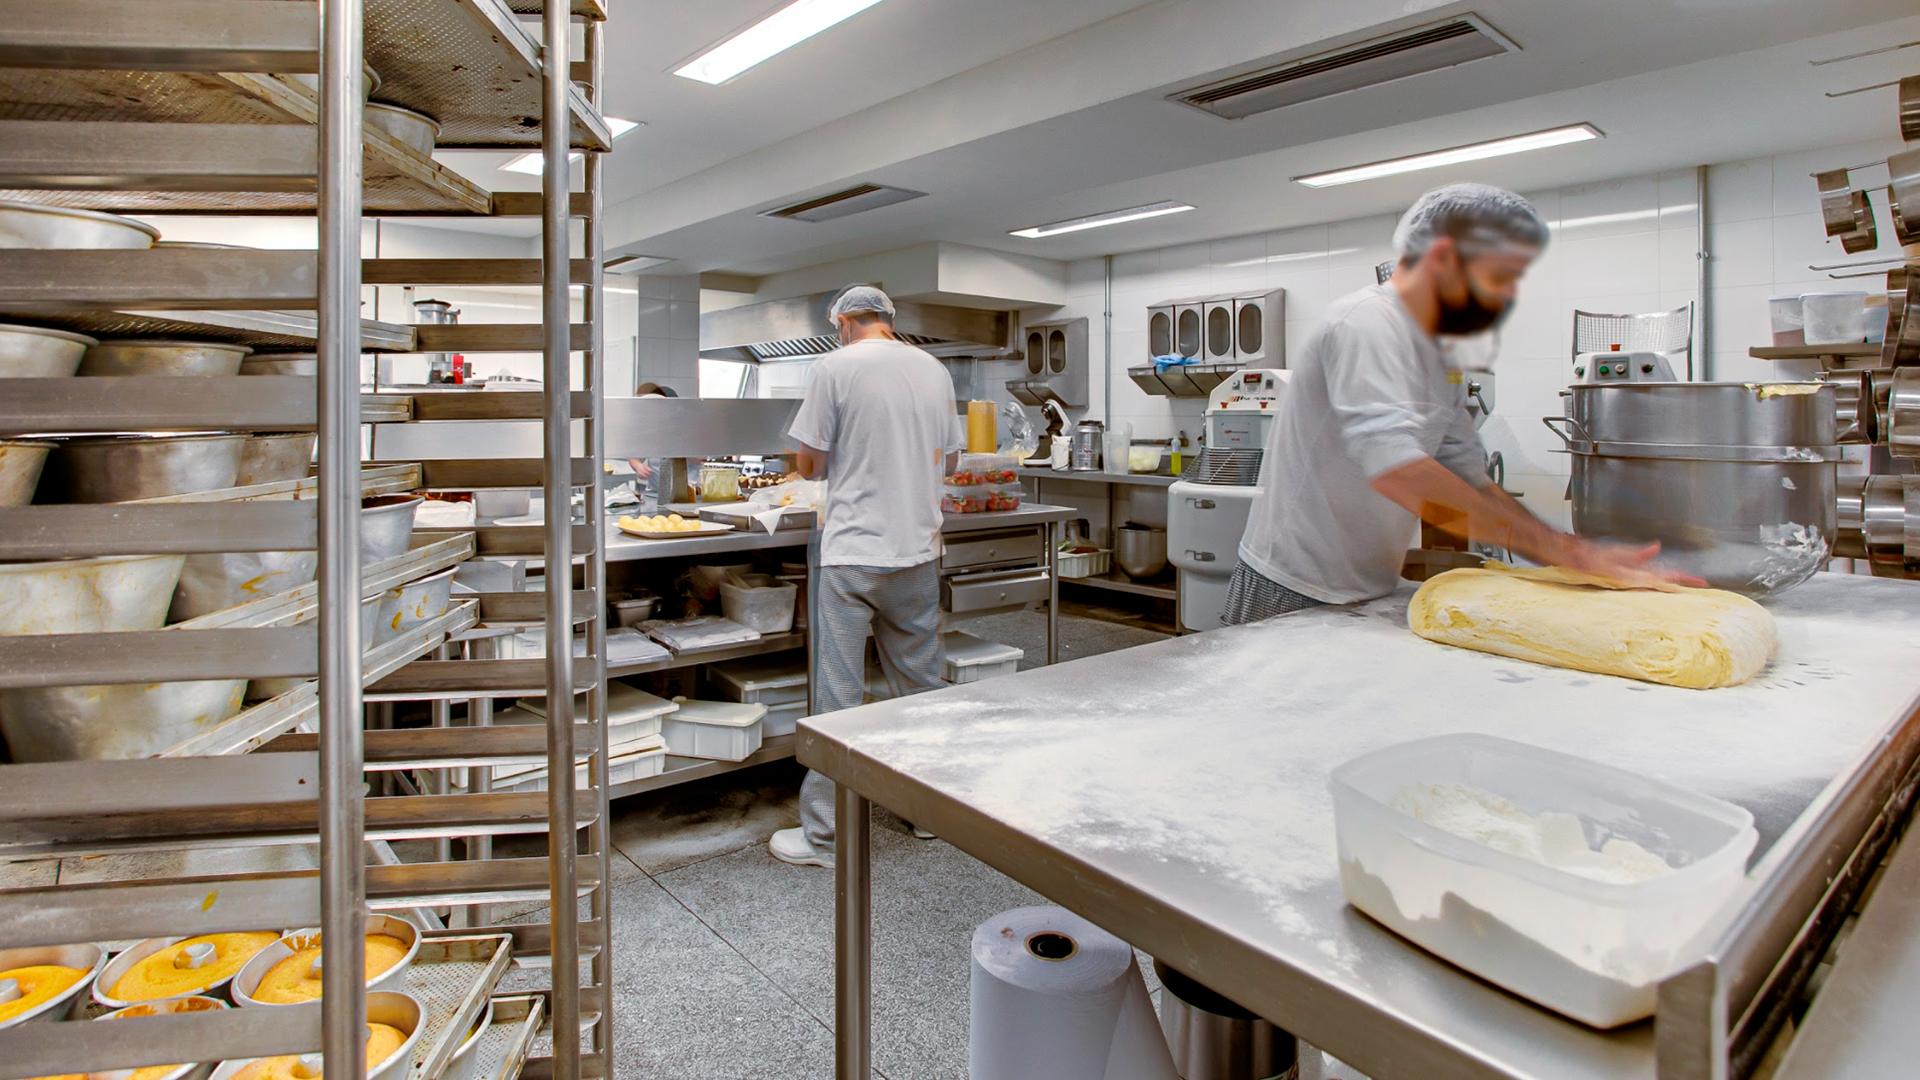 Na atualização da estrutura física, a Saint Germain optou por centralizar a produção na loja Ecoville, onde conta com uma área de produção completa e modernizada.